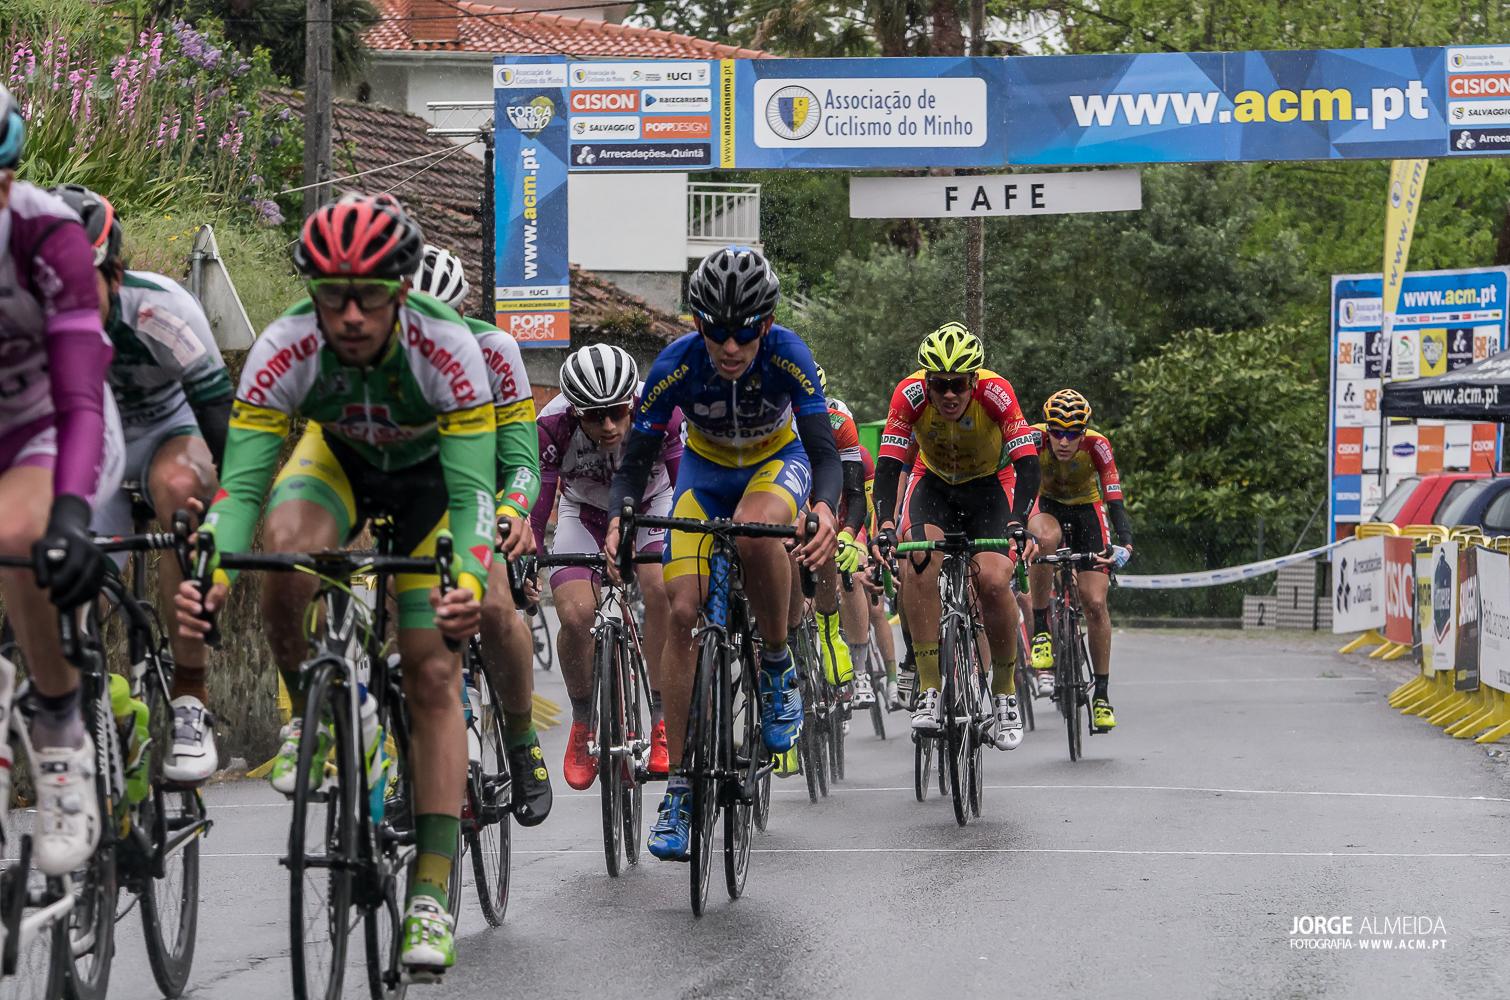 Prémio de Ciclismo Freguesia de Golães  Troféu José Martins (4)